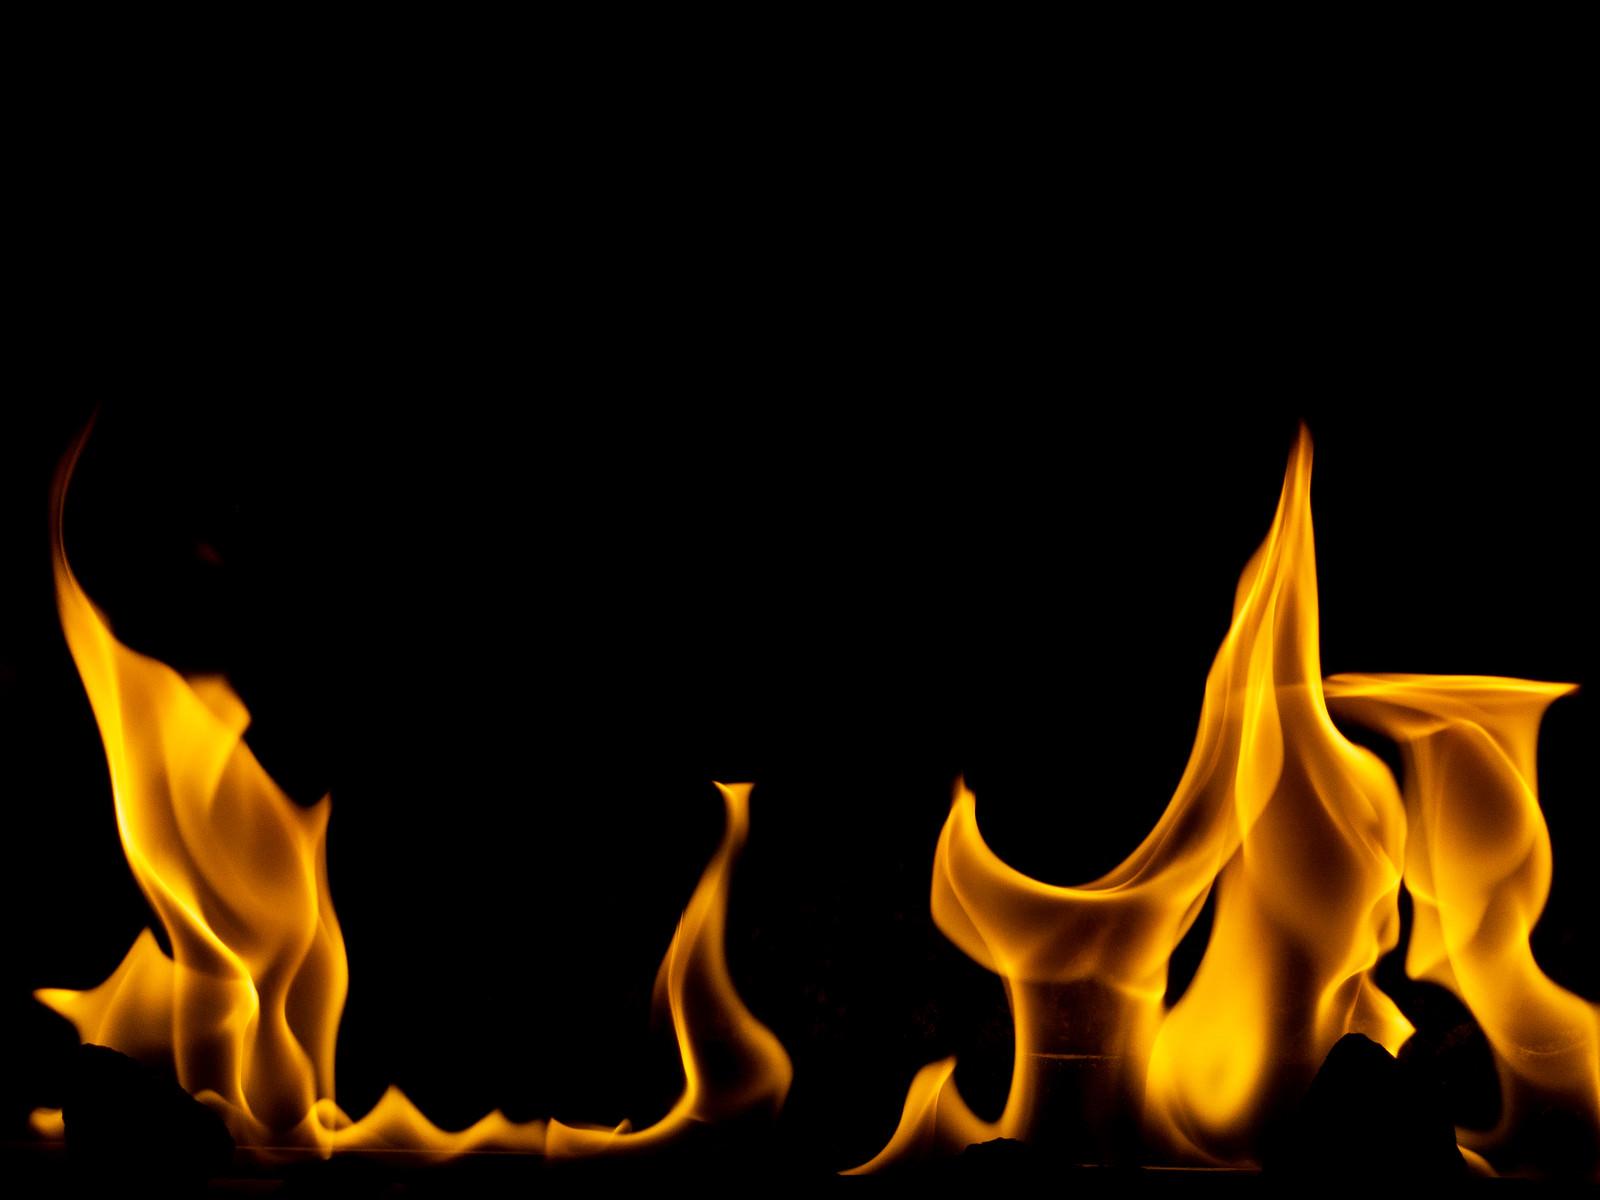 「炎がメラメラと燃える」の写真